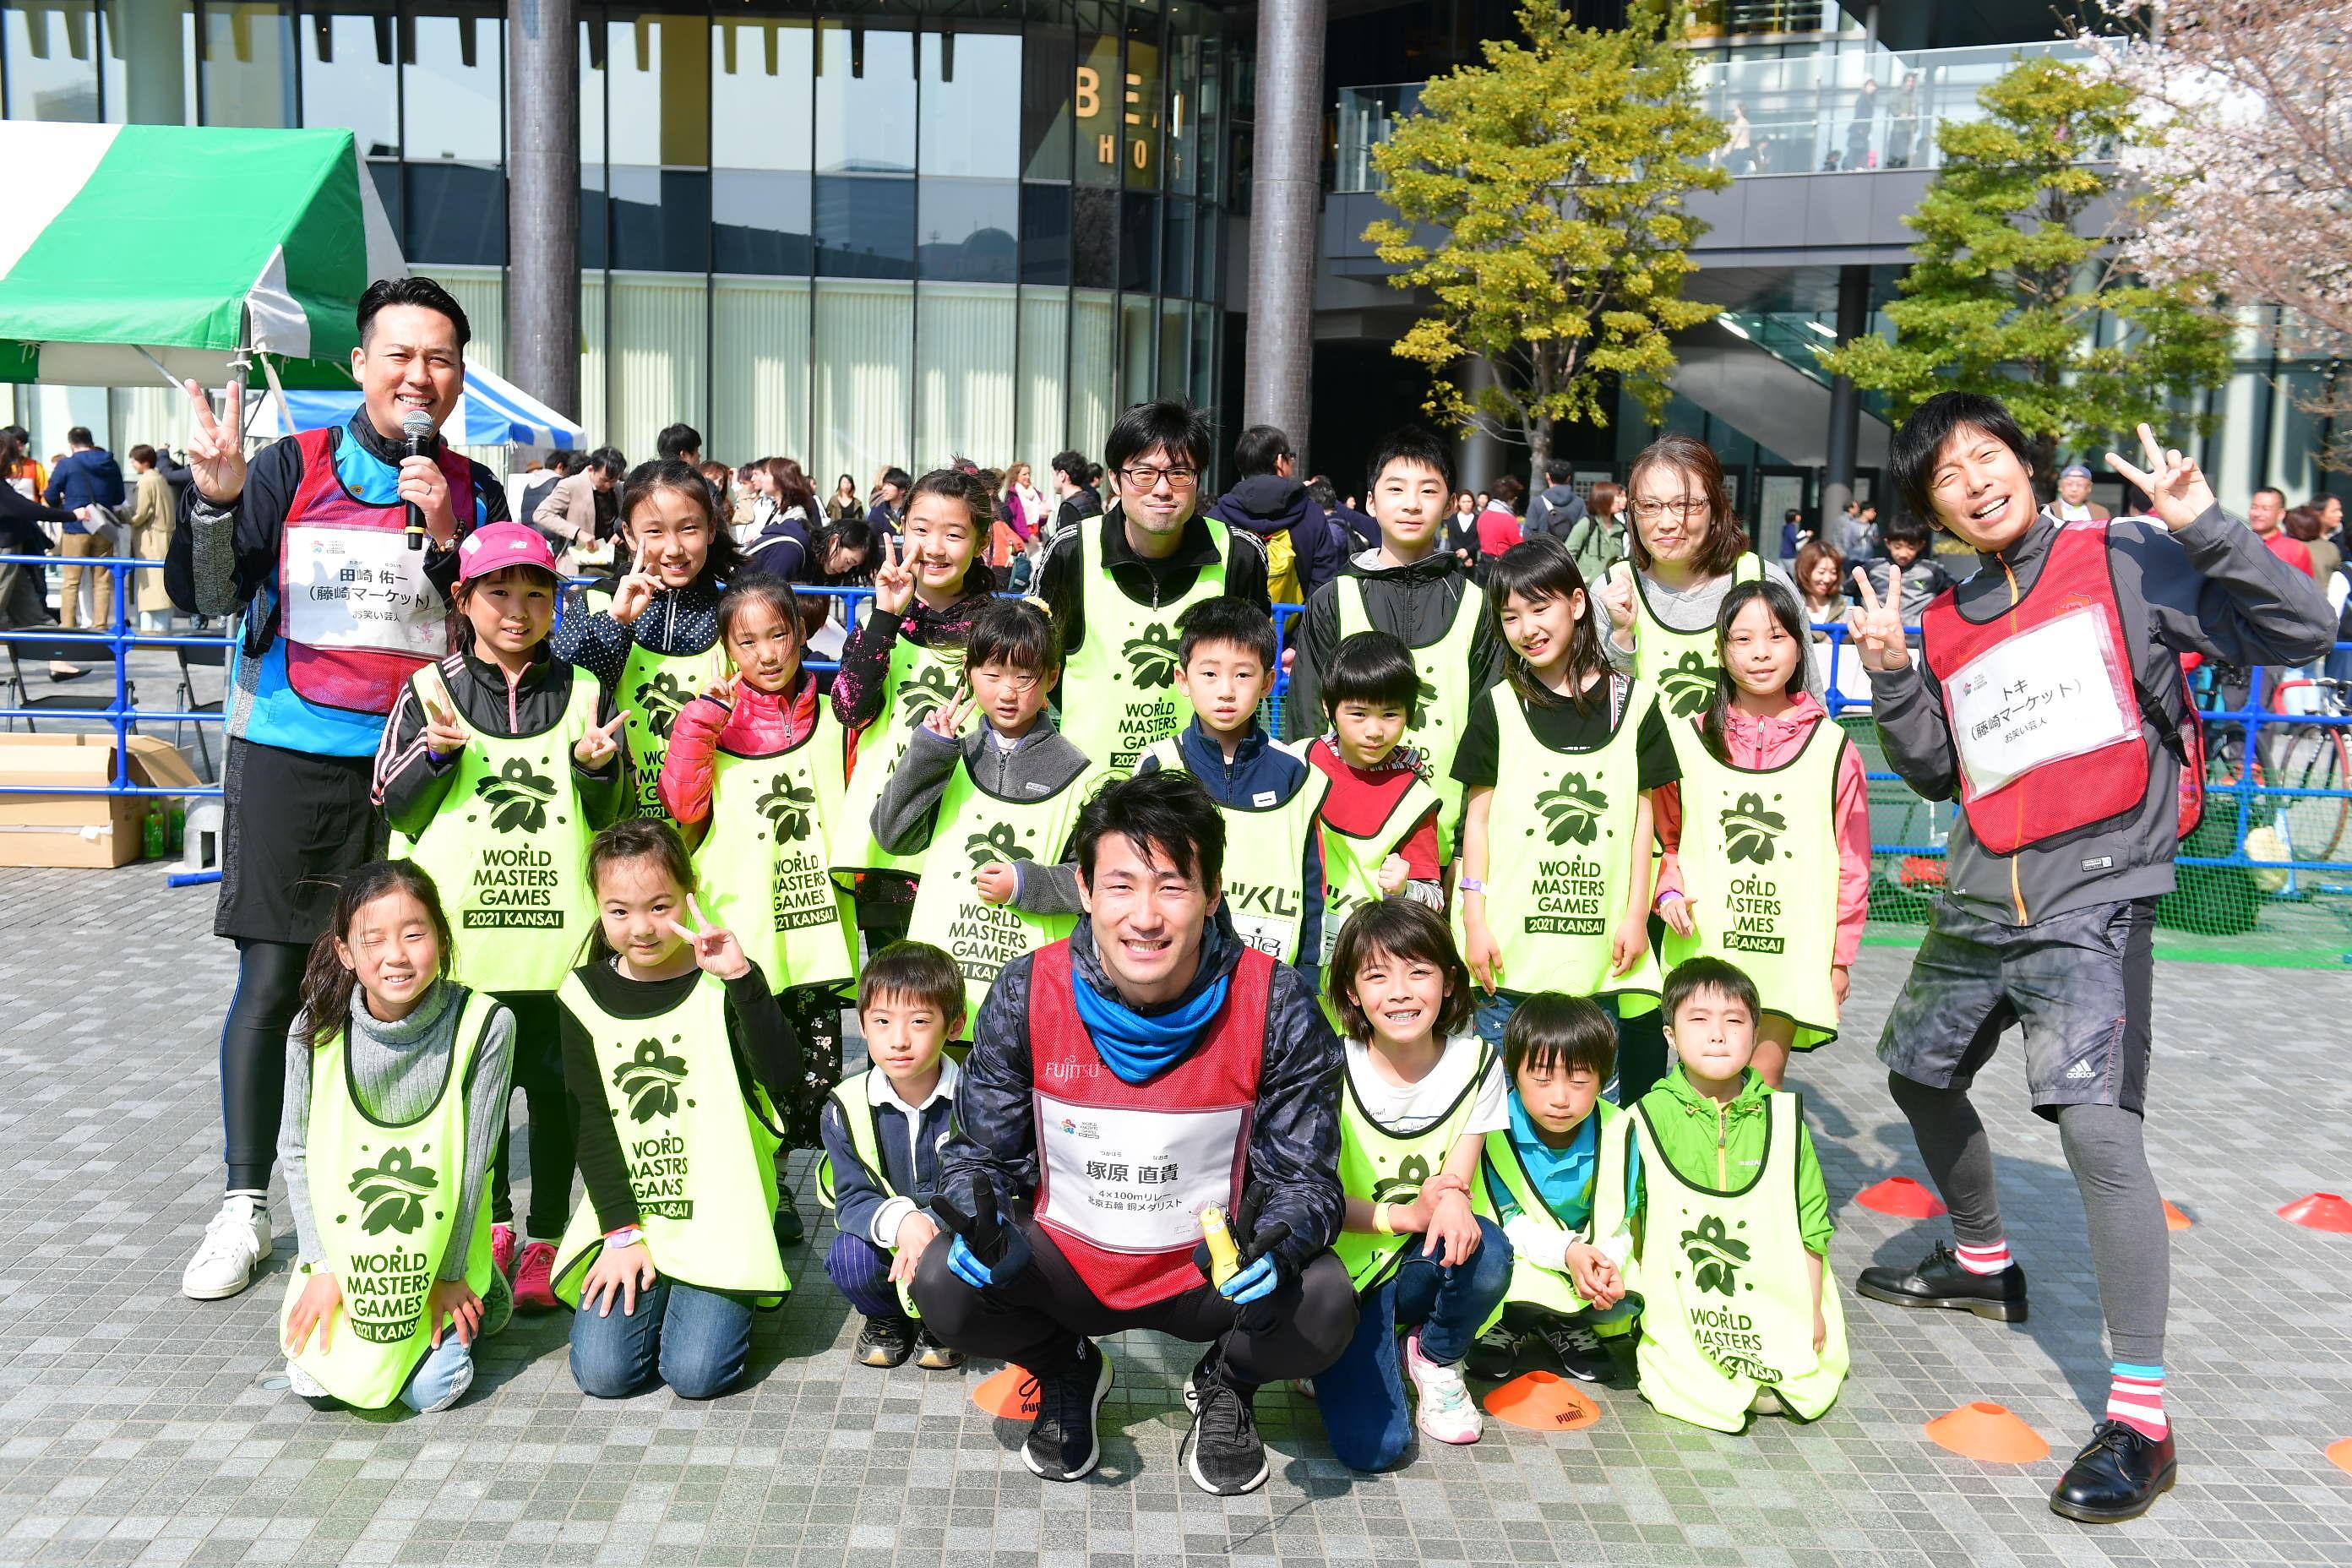 http://news.yoshimoto.co.jp/20180325180603-554104830a60e90268e17c0bca8e7de2e75eb485.jpg